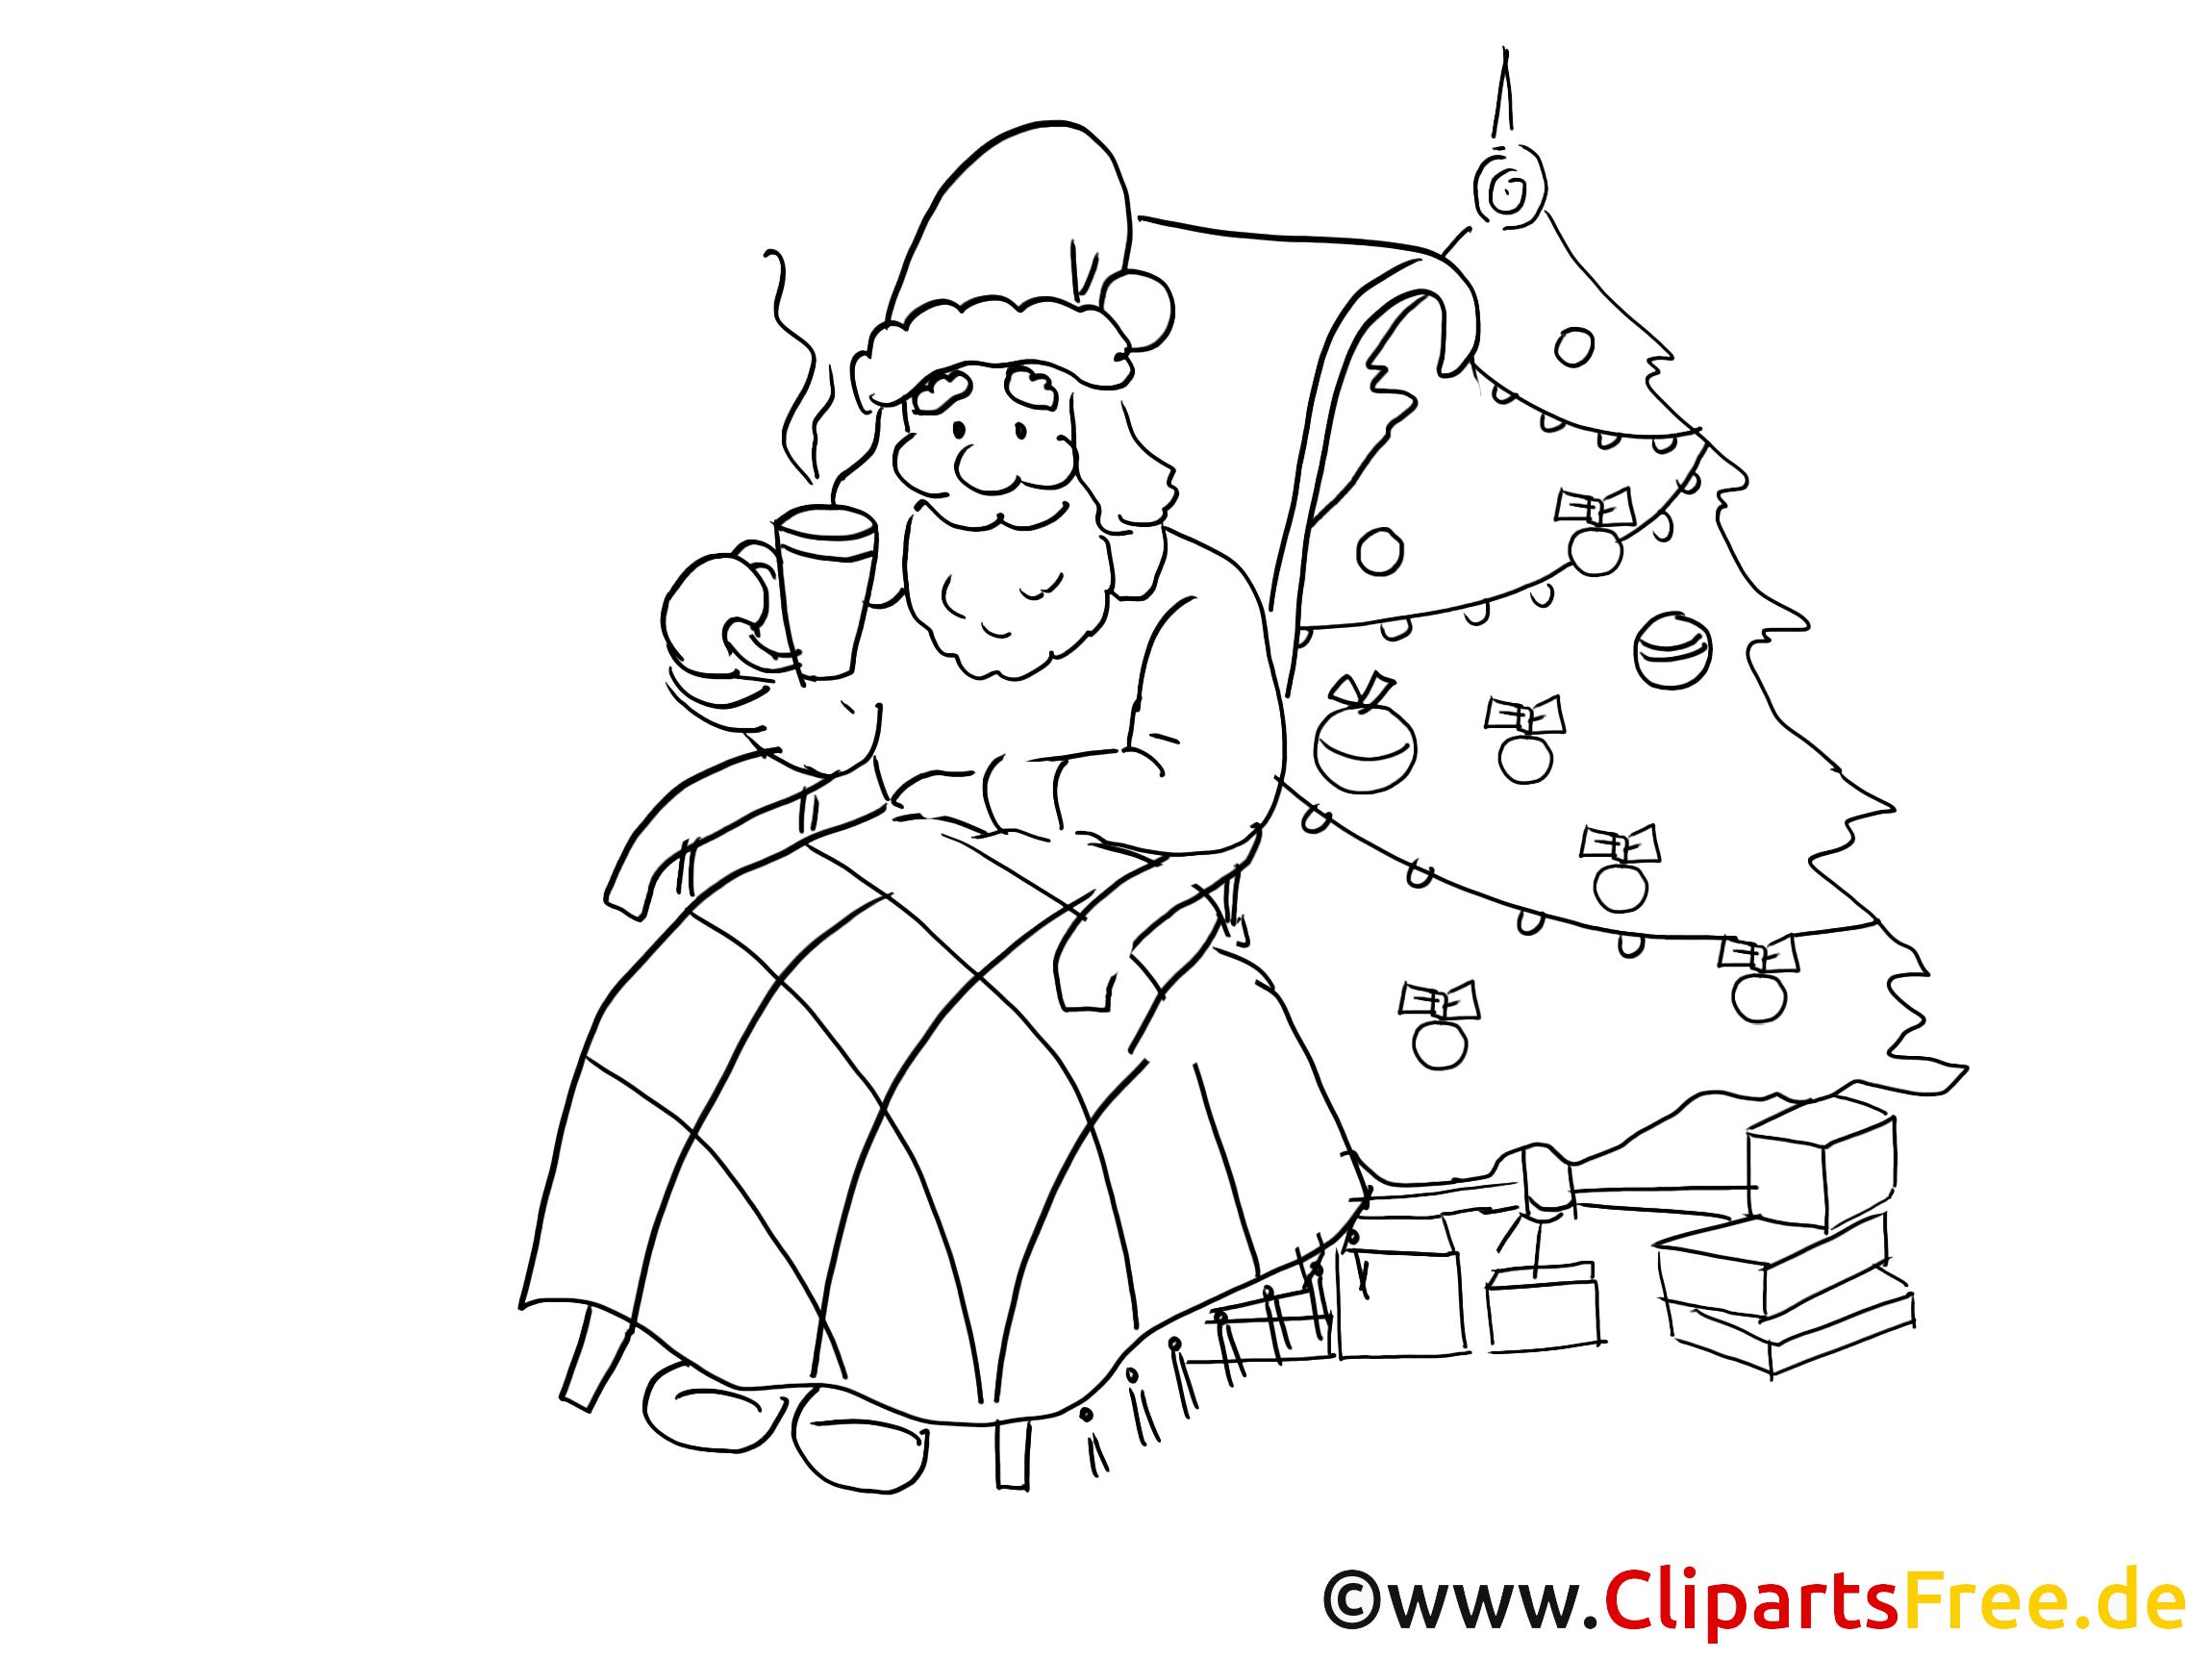 Weihnachtsmotive Schwarz Weiß Ausdrucken.Clipart Schwarz Weiss Zum Jahreswechsel Silvester Neujahr